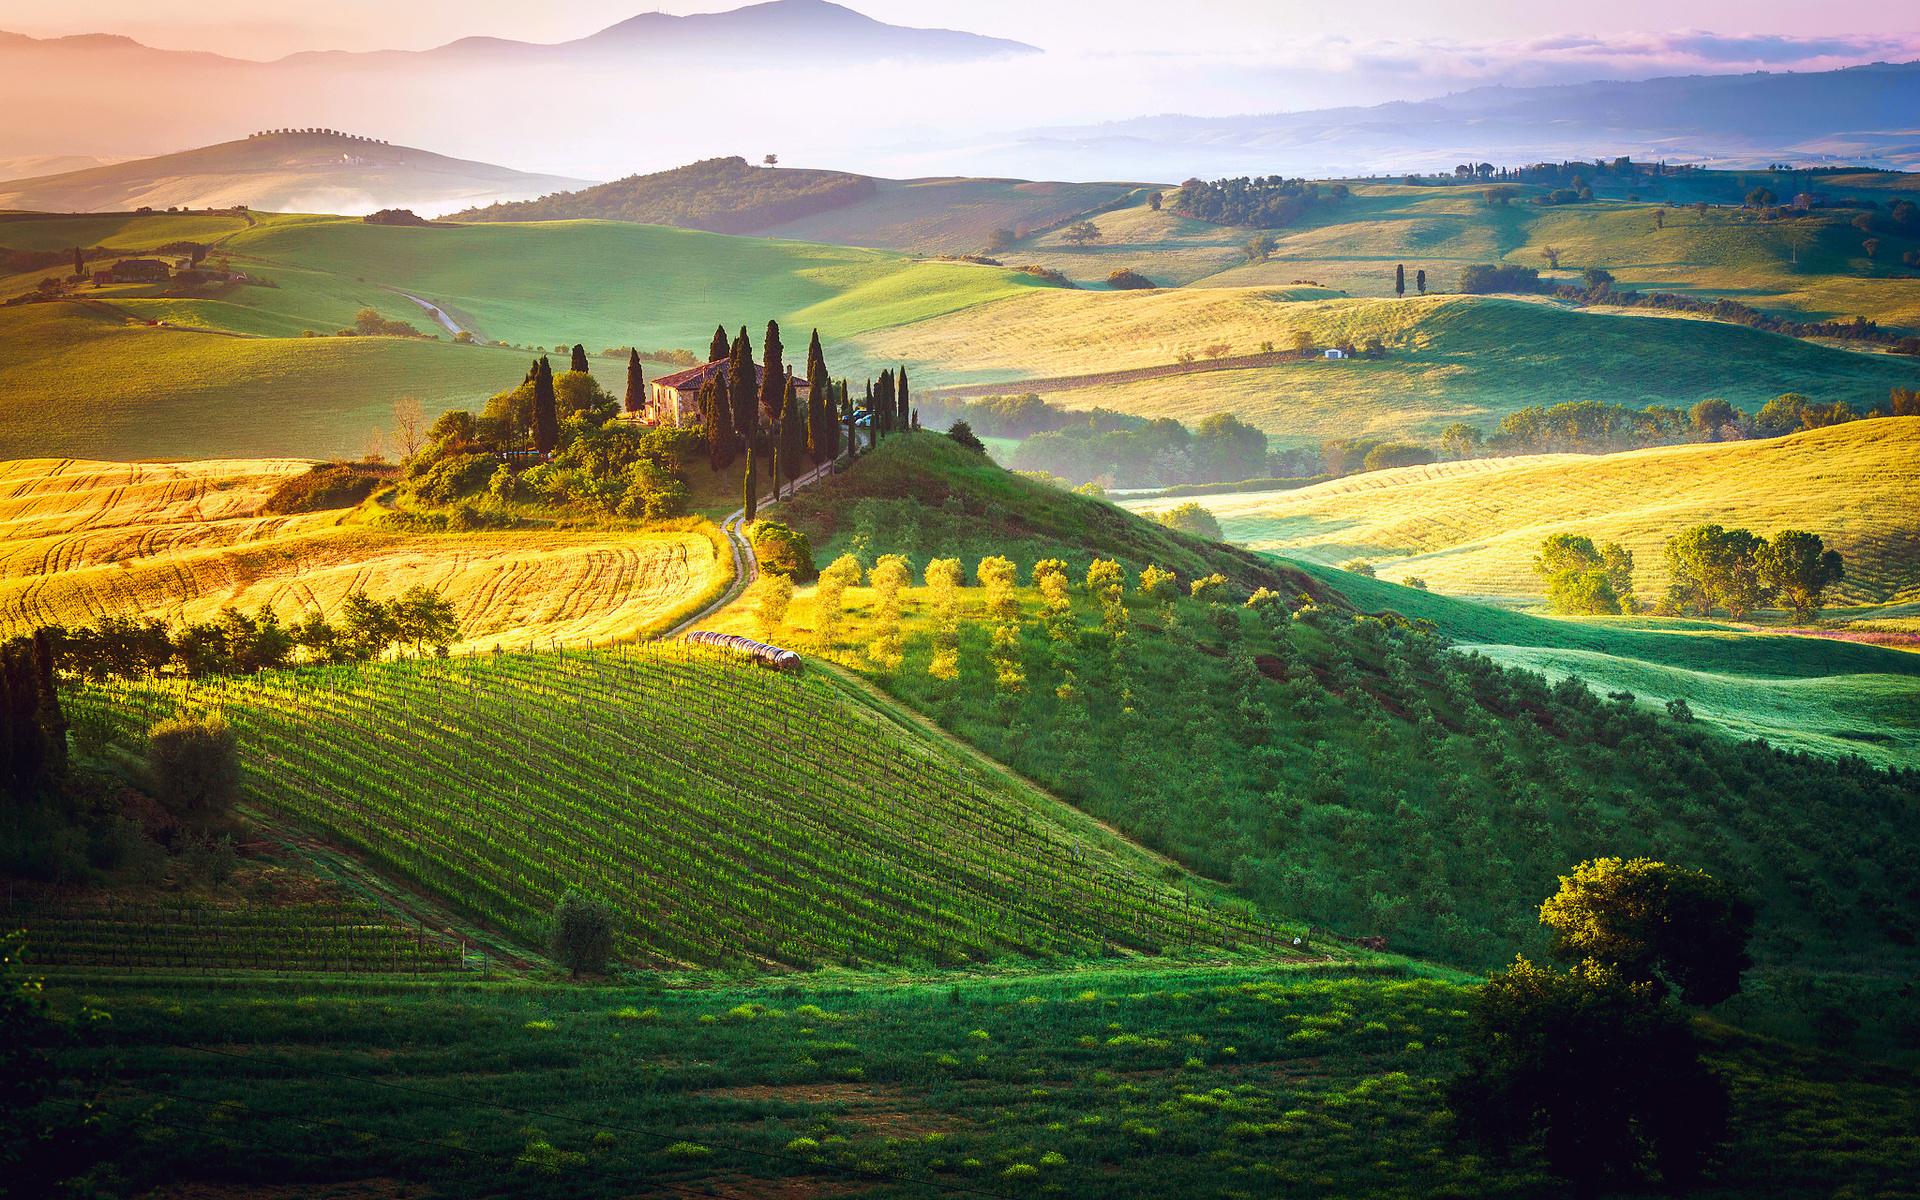 поля и долины картинки